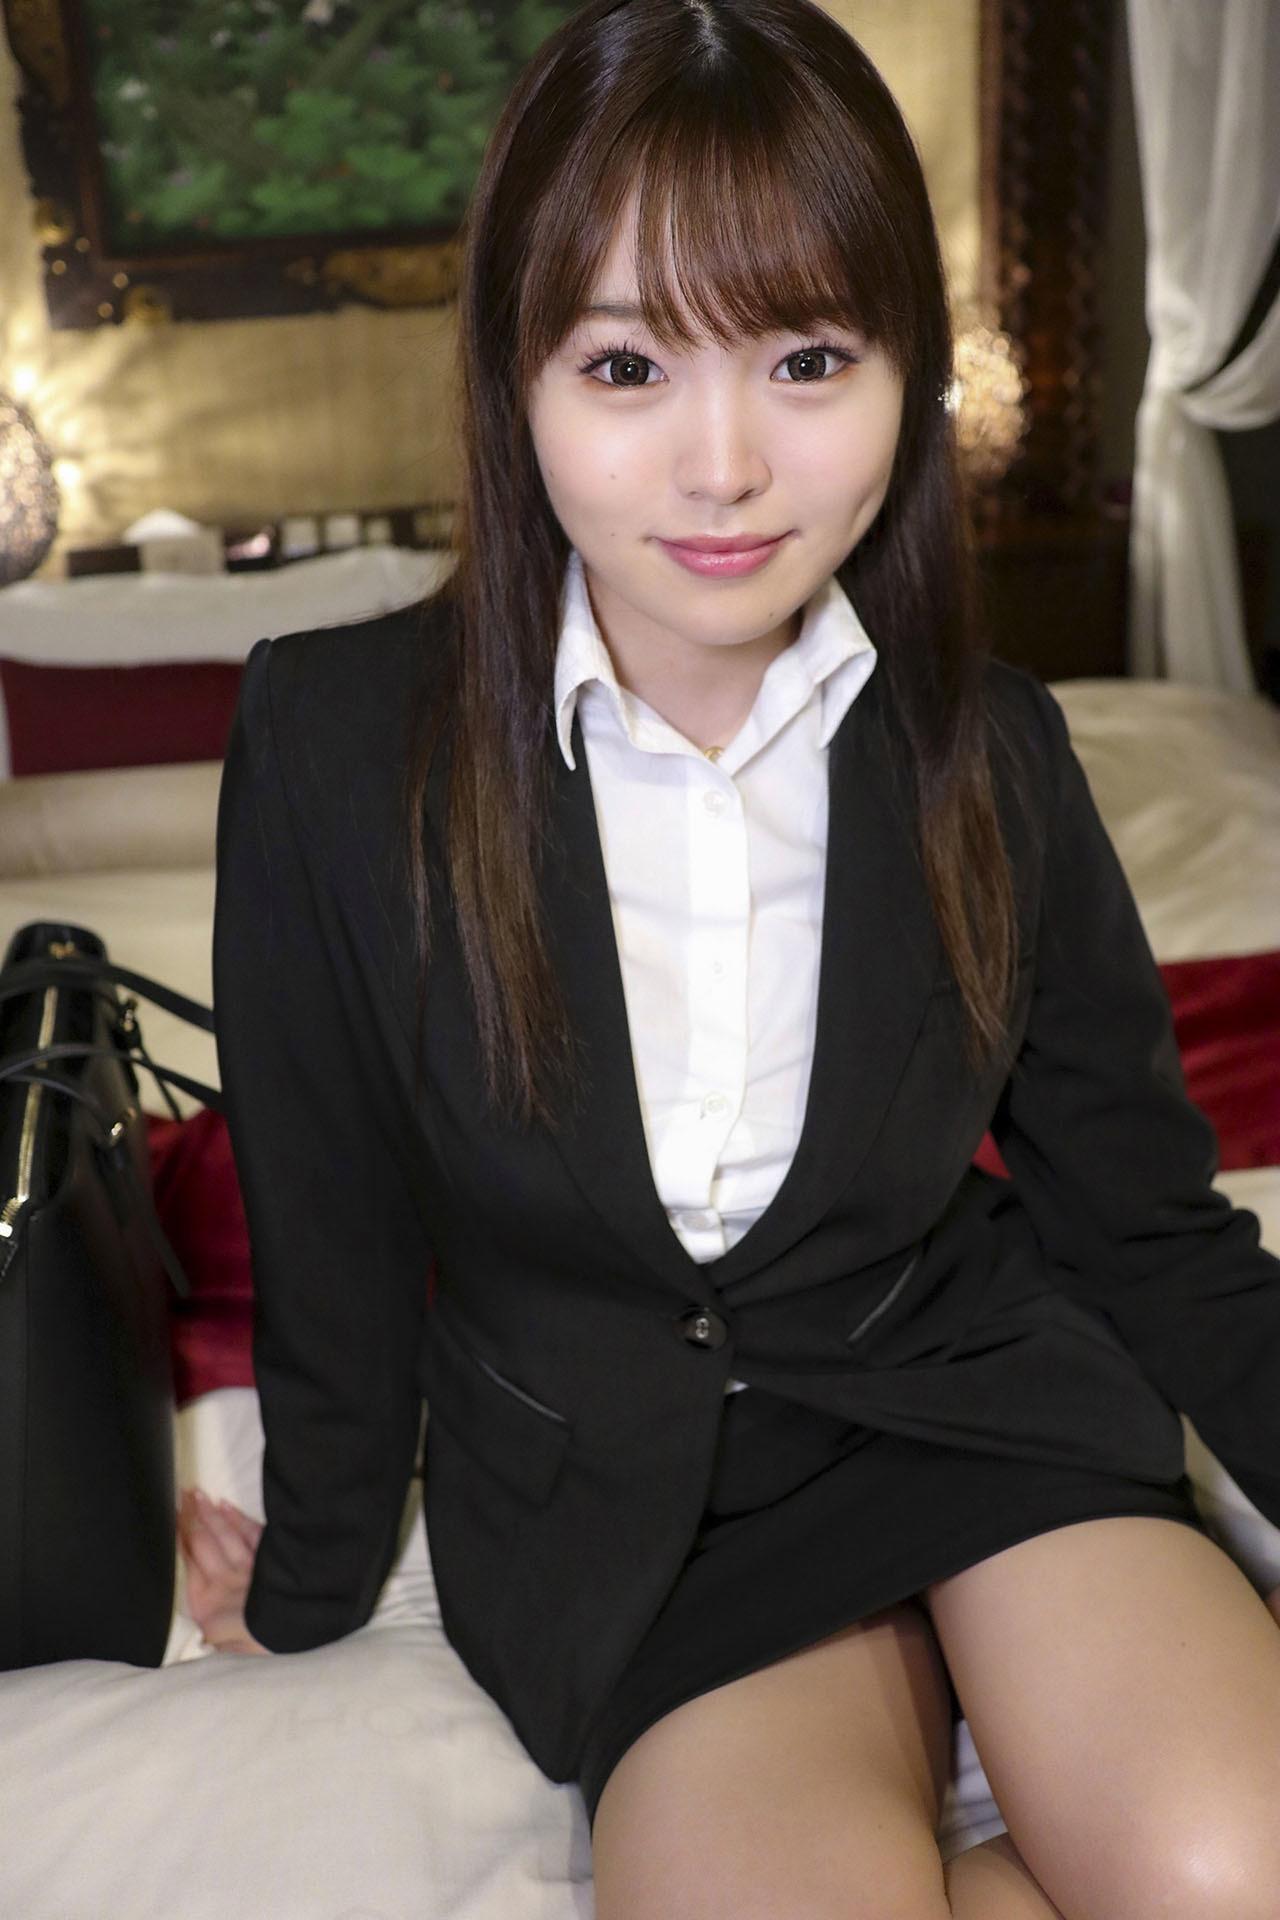 完ナマSTYLE@みくる IT企業就職希望の金欠半中半外Eカップ女子大生